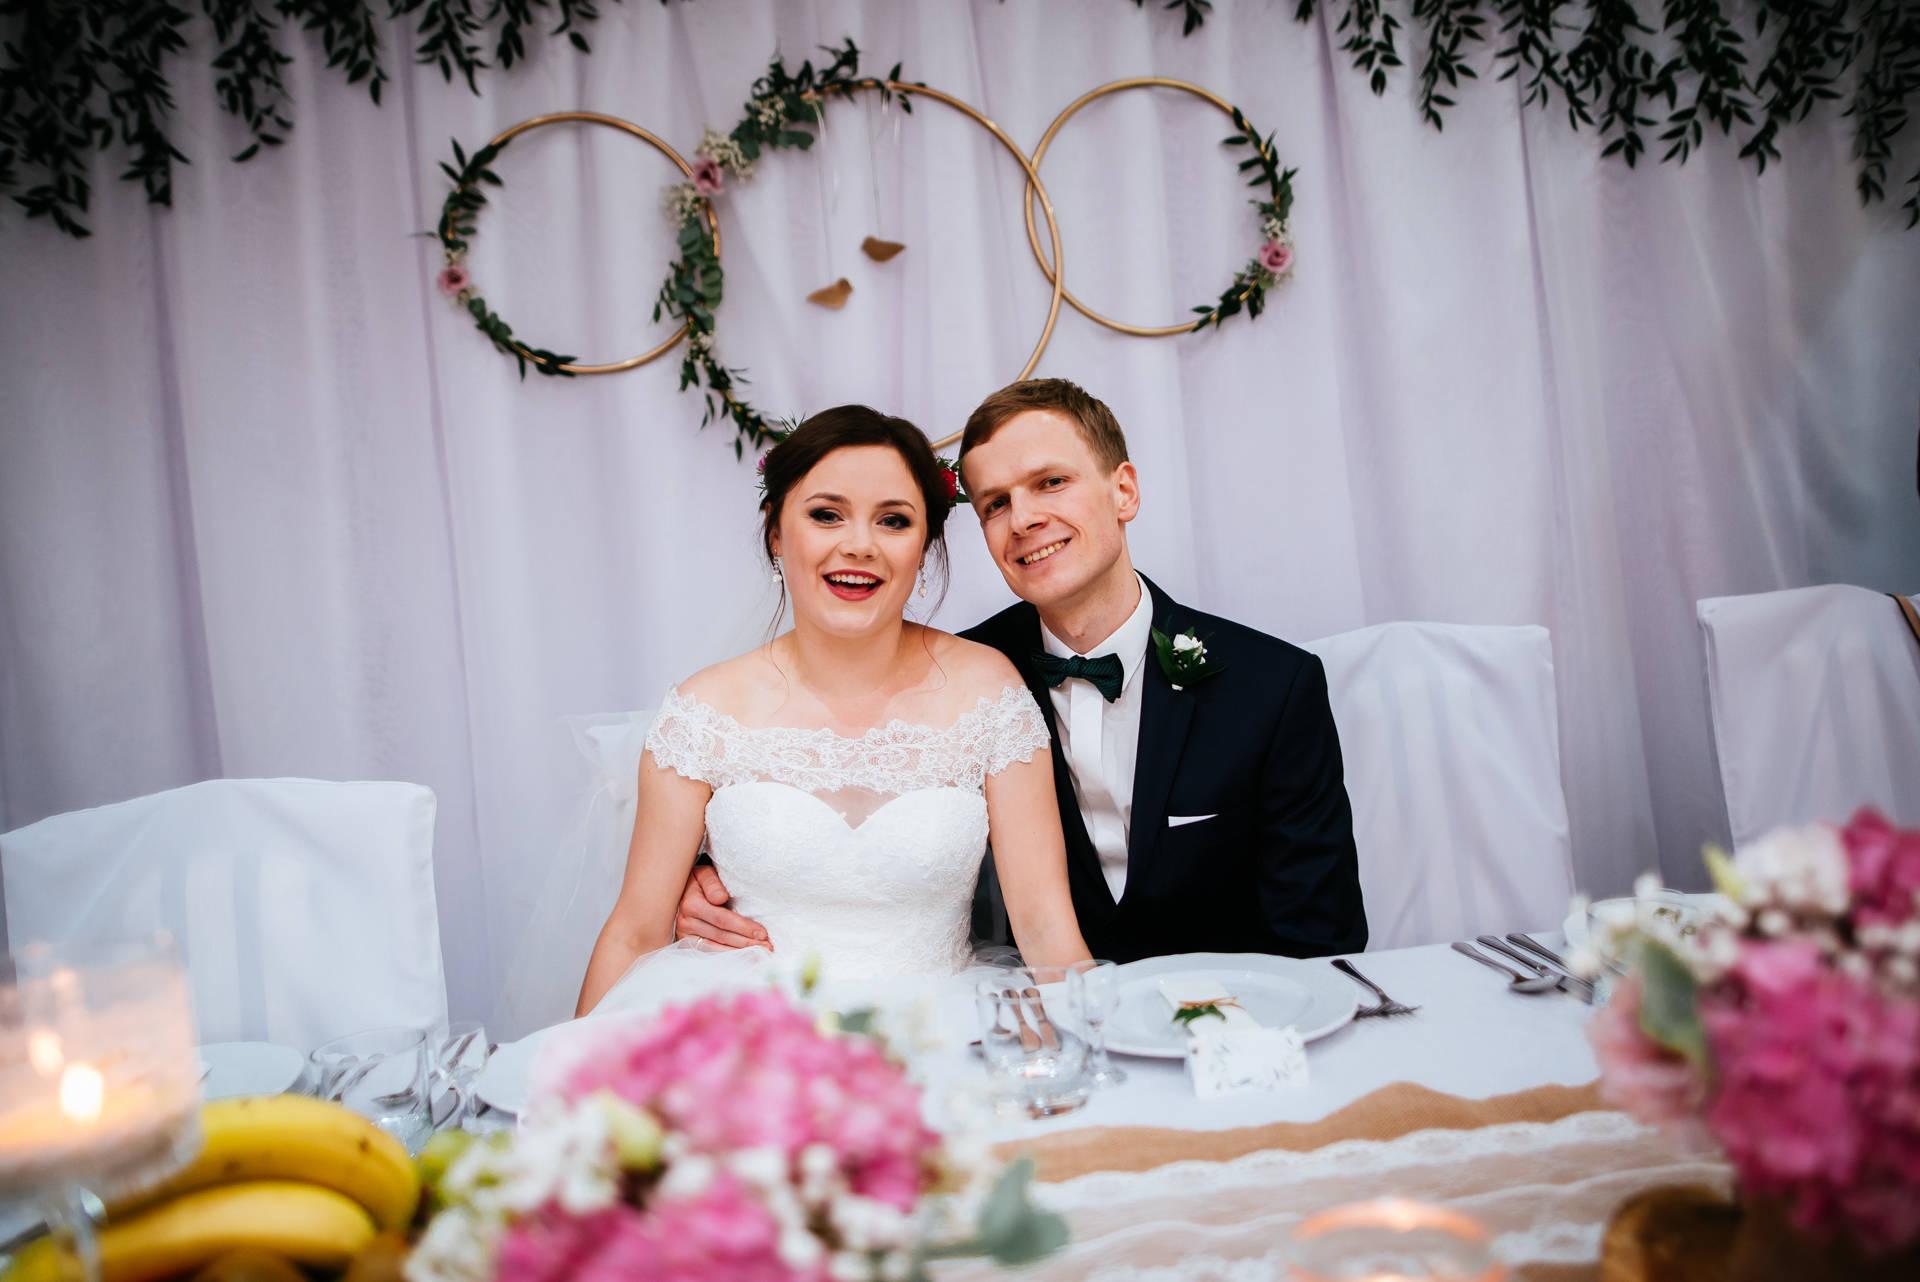 Ślub kościelny (konkordatowy) w Tucholi, na styku Kaszub i Borów Tucholskich - fot. Nitychoruk